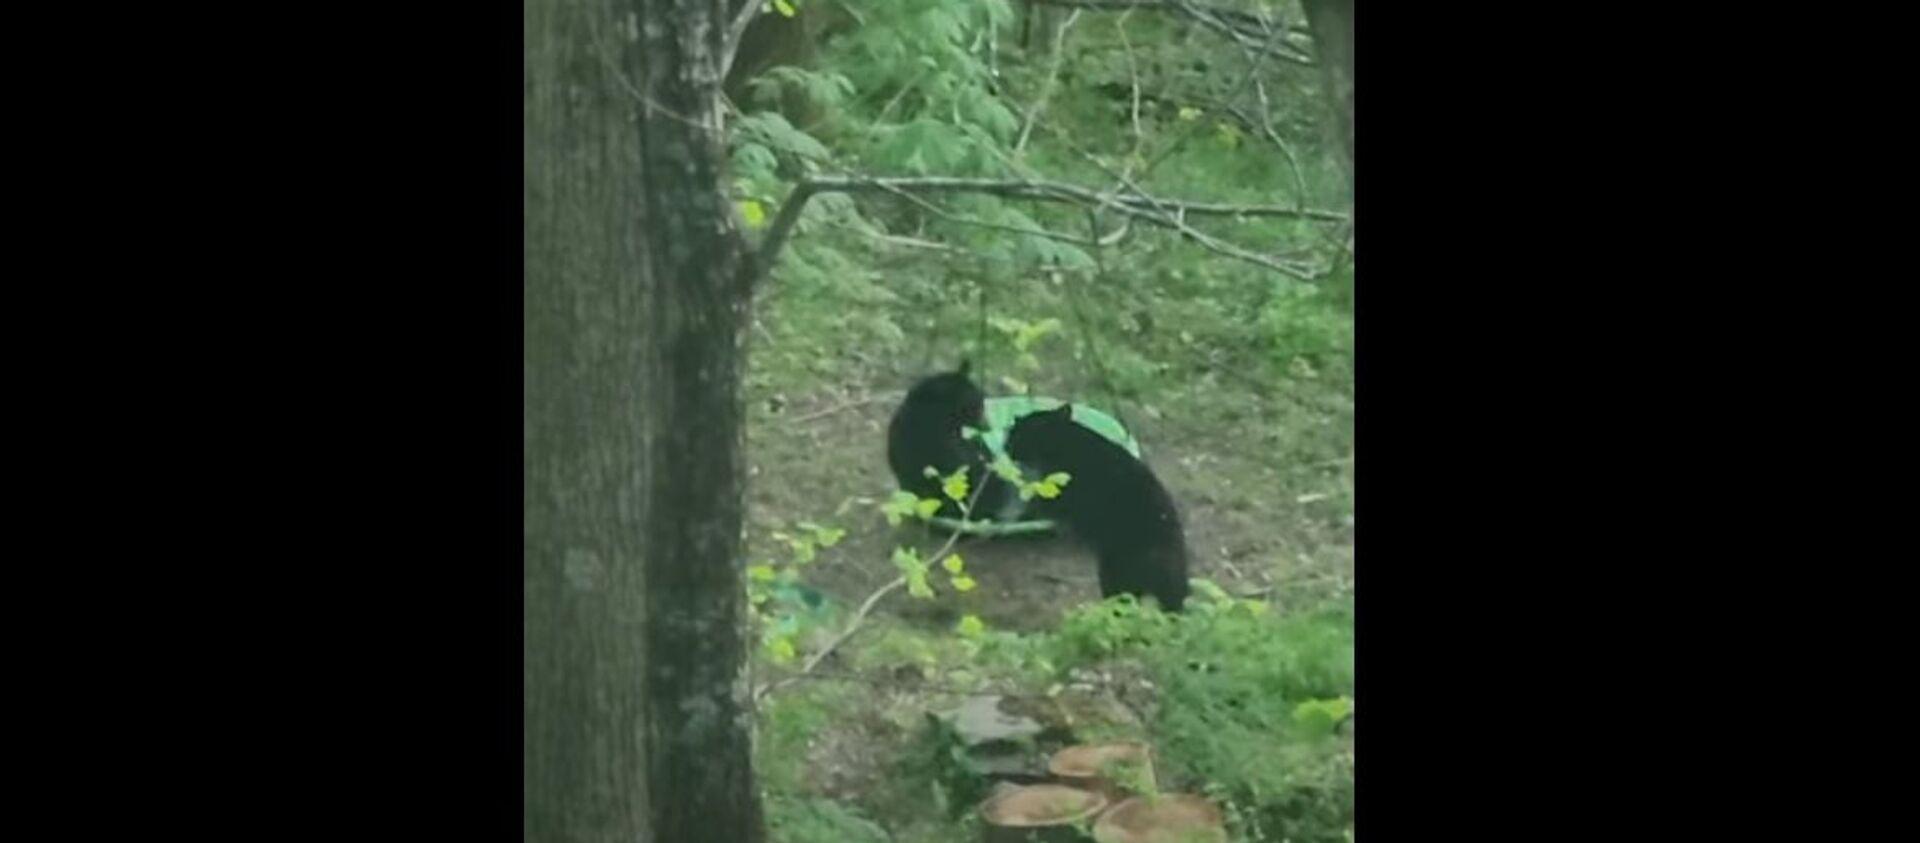 Ngày gia đình! Video những con gấu chơi đùa trên xích đu - Sputnik Việt Nam, 1920, 07.05.2021